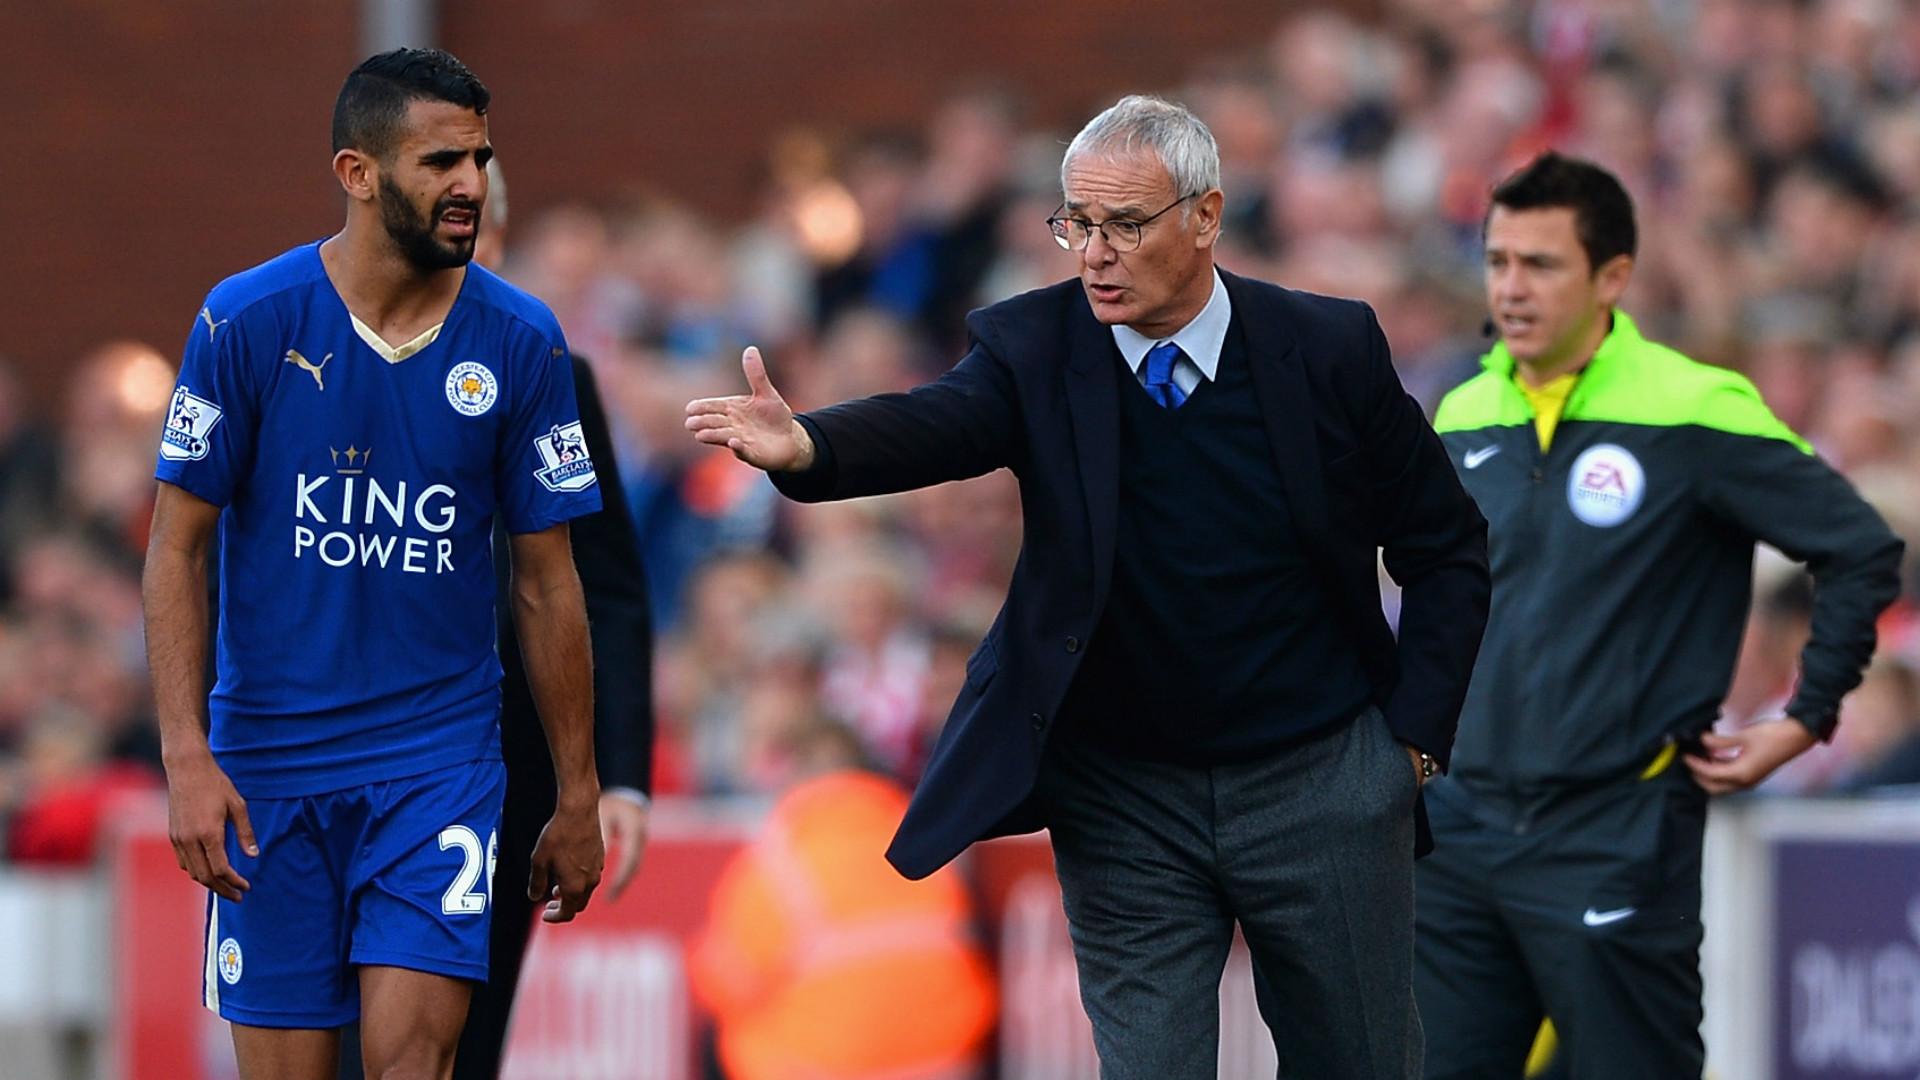 Leicester : Mahrez est-il la cause du relâchement de l'équipe ?